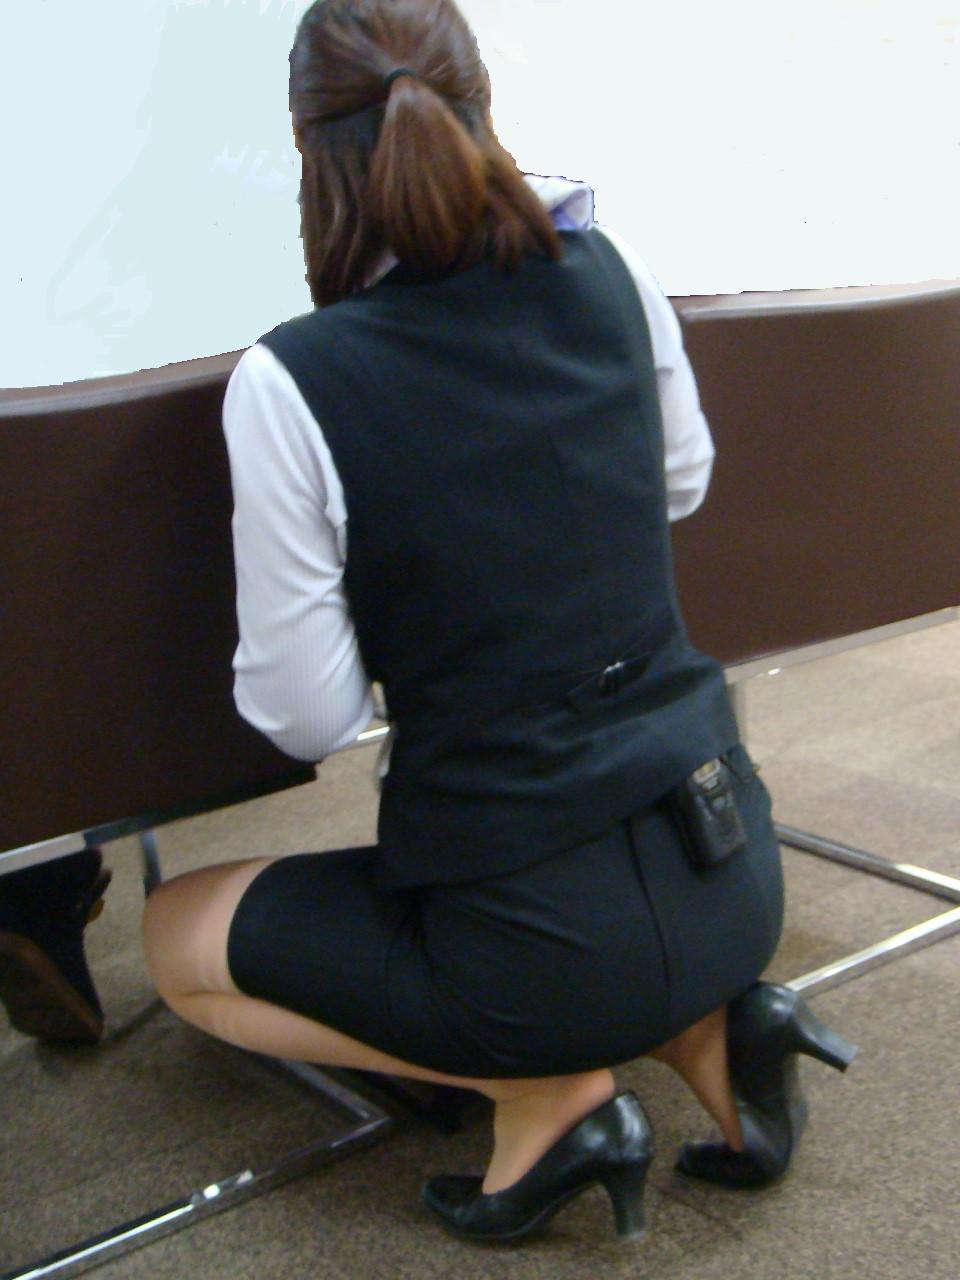 OLのブレザーとタイトスカート姿にフェチを感じるエロ画像1枚目